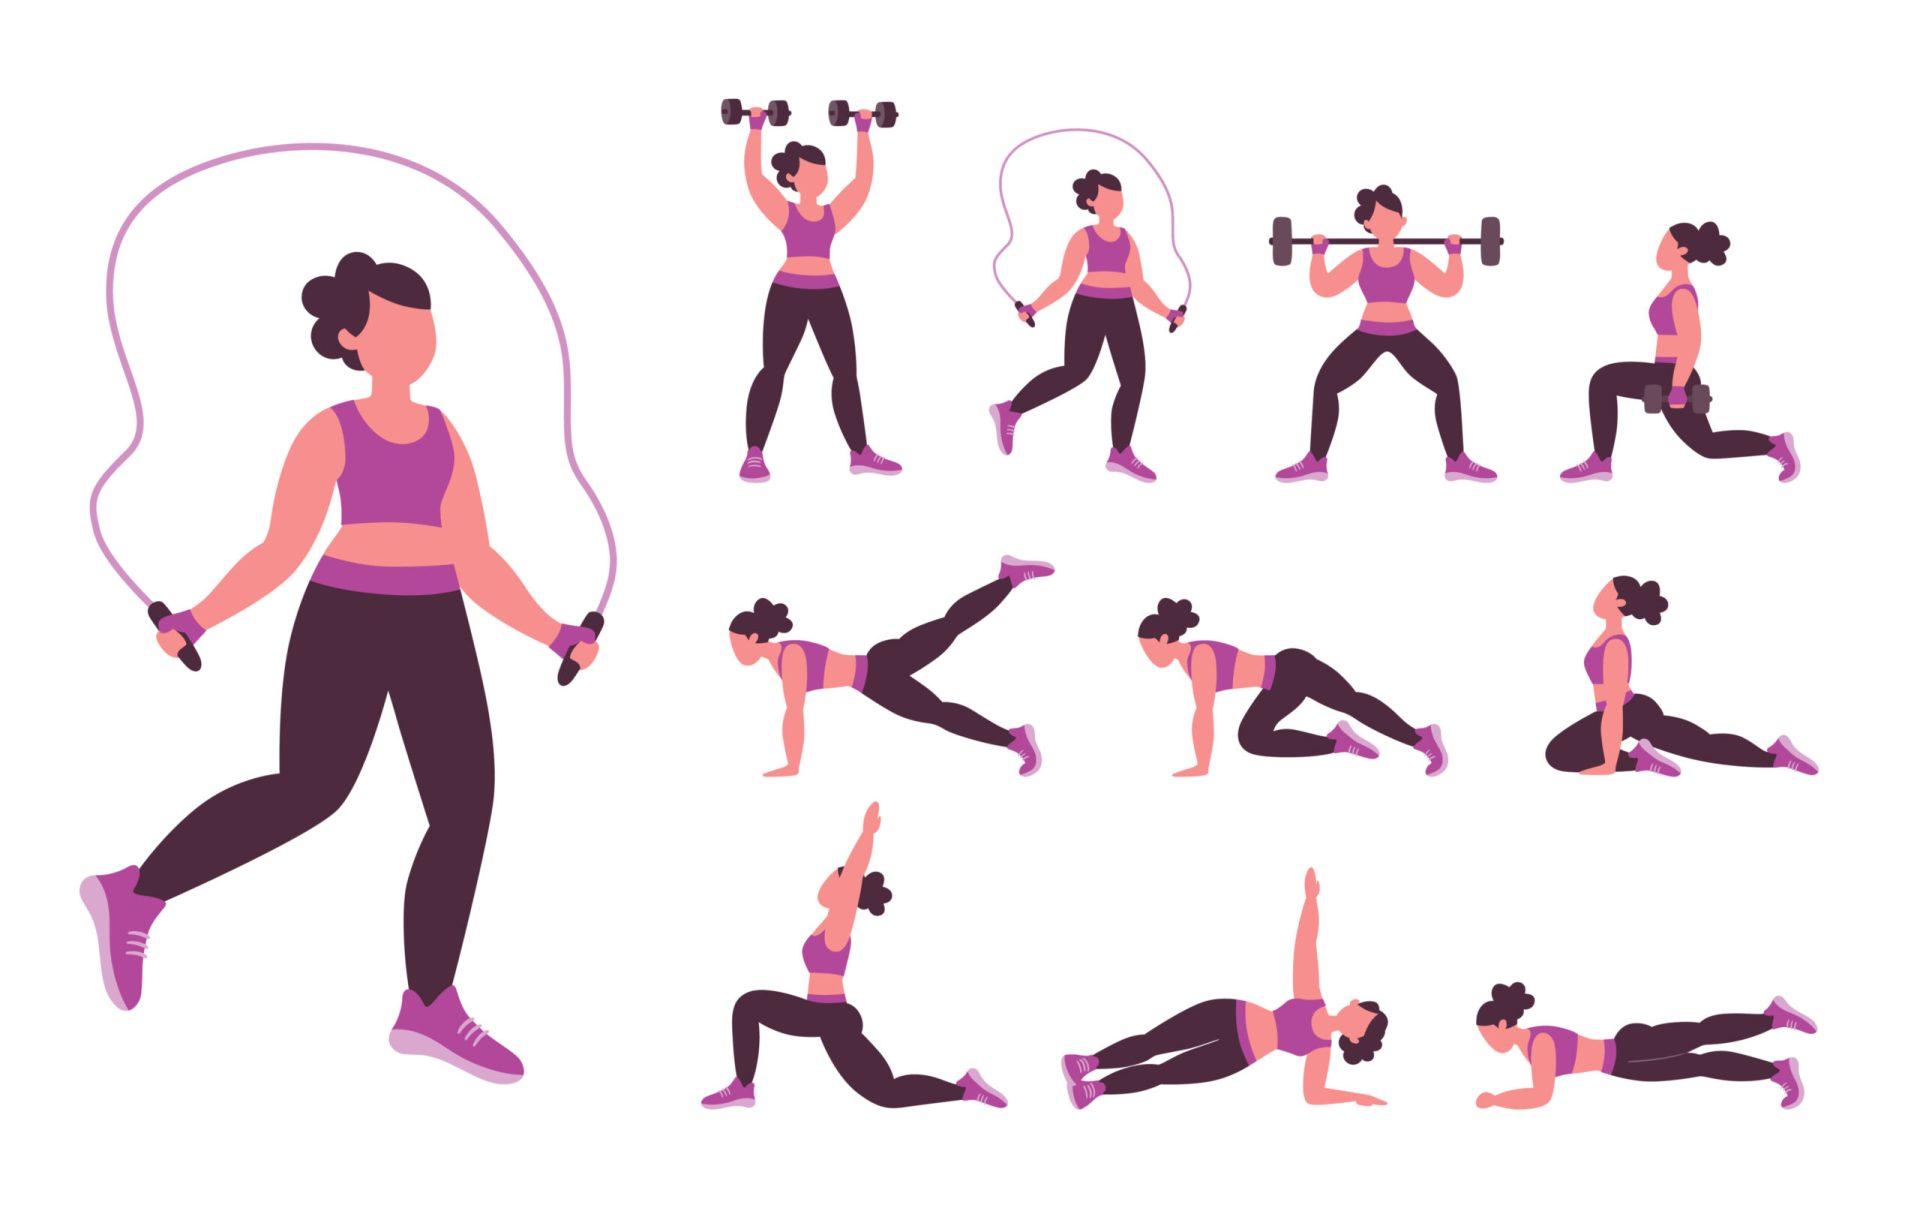 Sări coarda pentru a slăbi! Este un alt exercițiu cardio la îndemâna oricui, distractiv, dar solicitant.